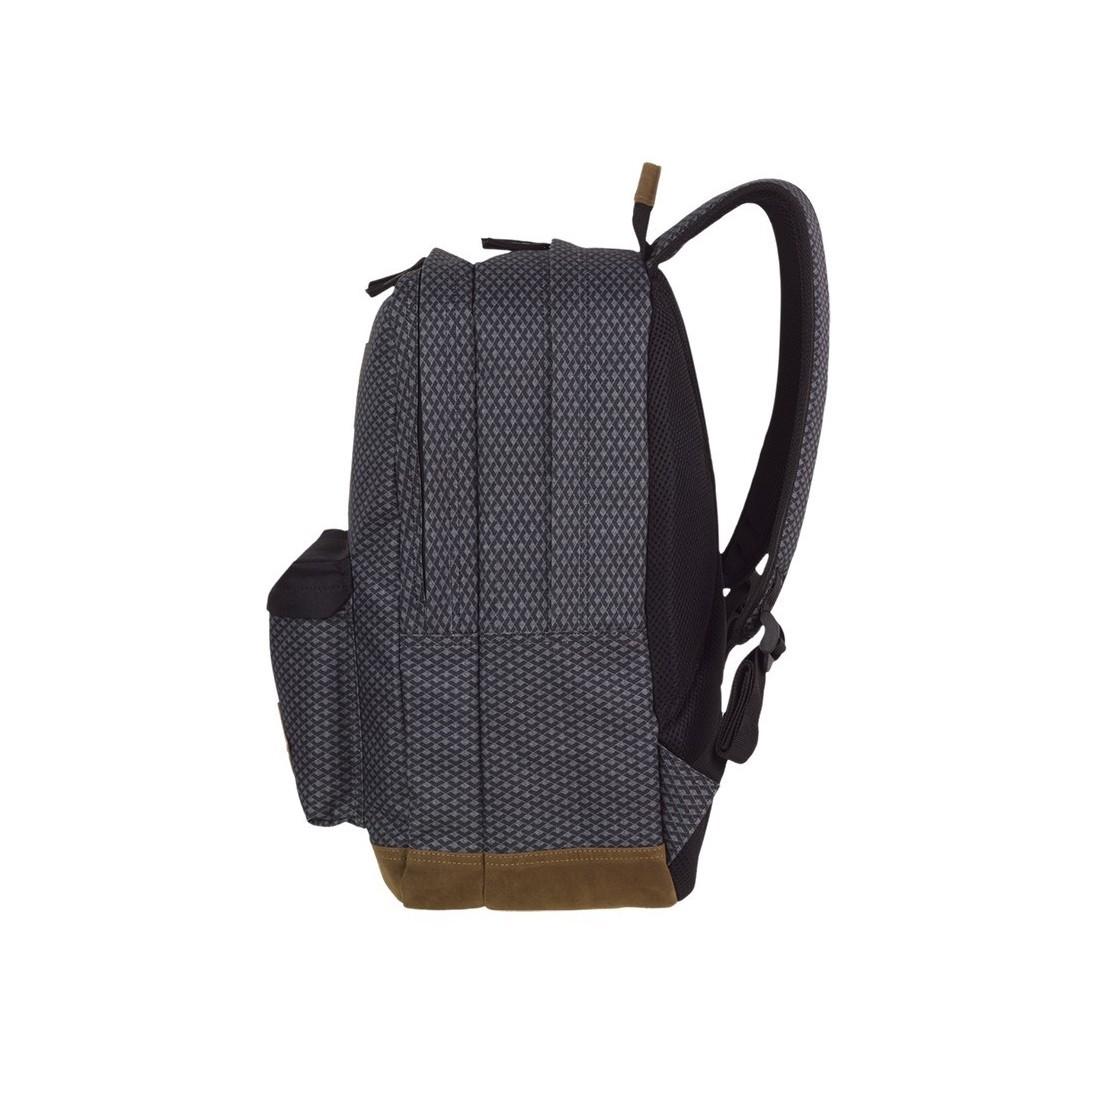 Plecak młodzieżowy CoolPack CP SCOUT DARK GREY NET ciemna szarość - A122